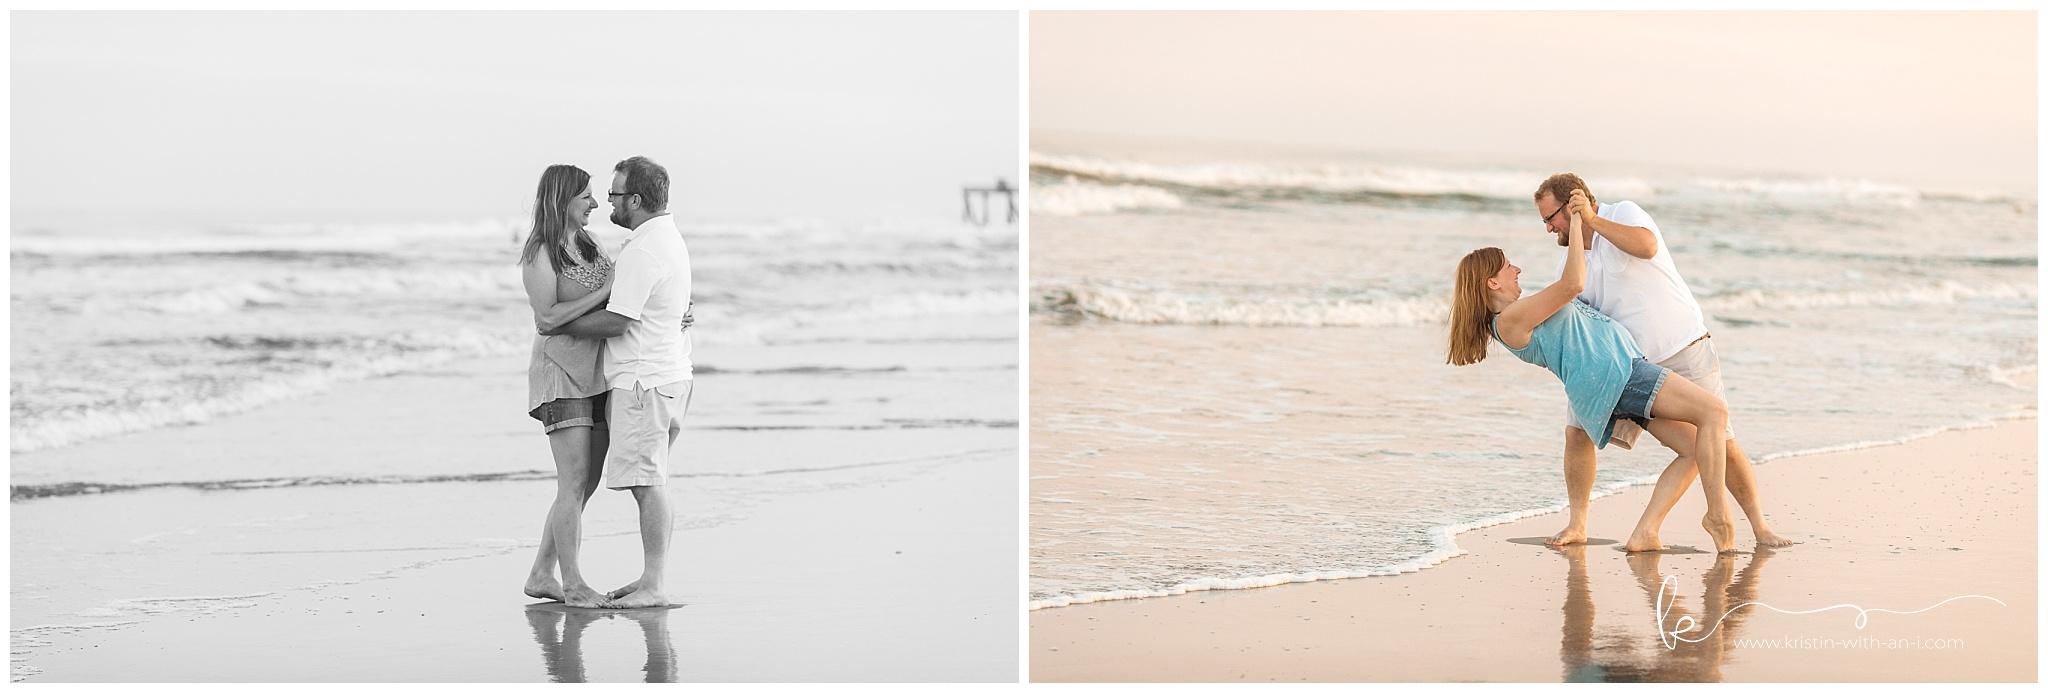 Jersey Beach Photographer